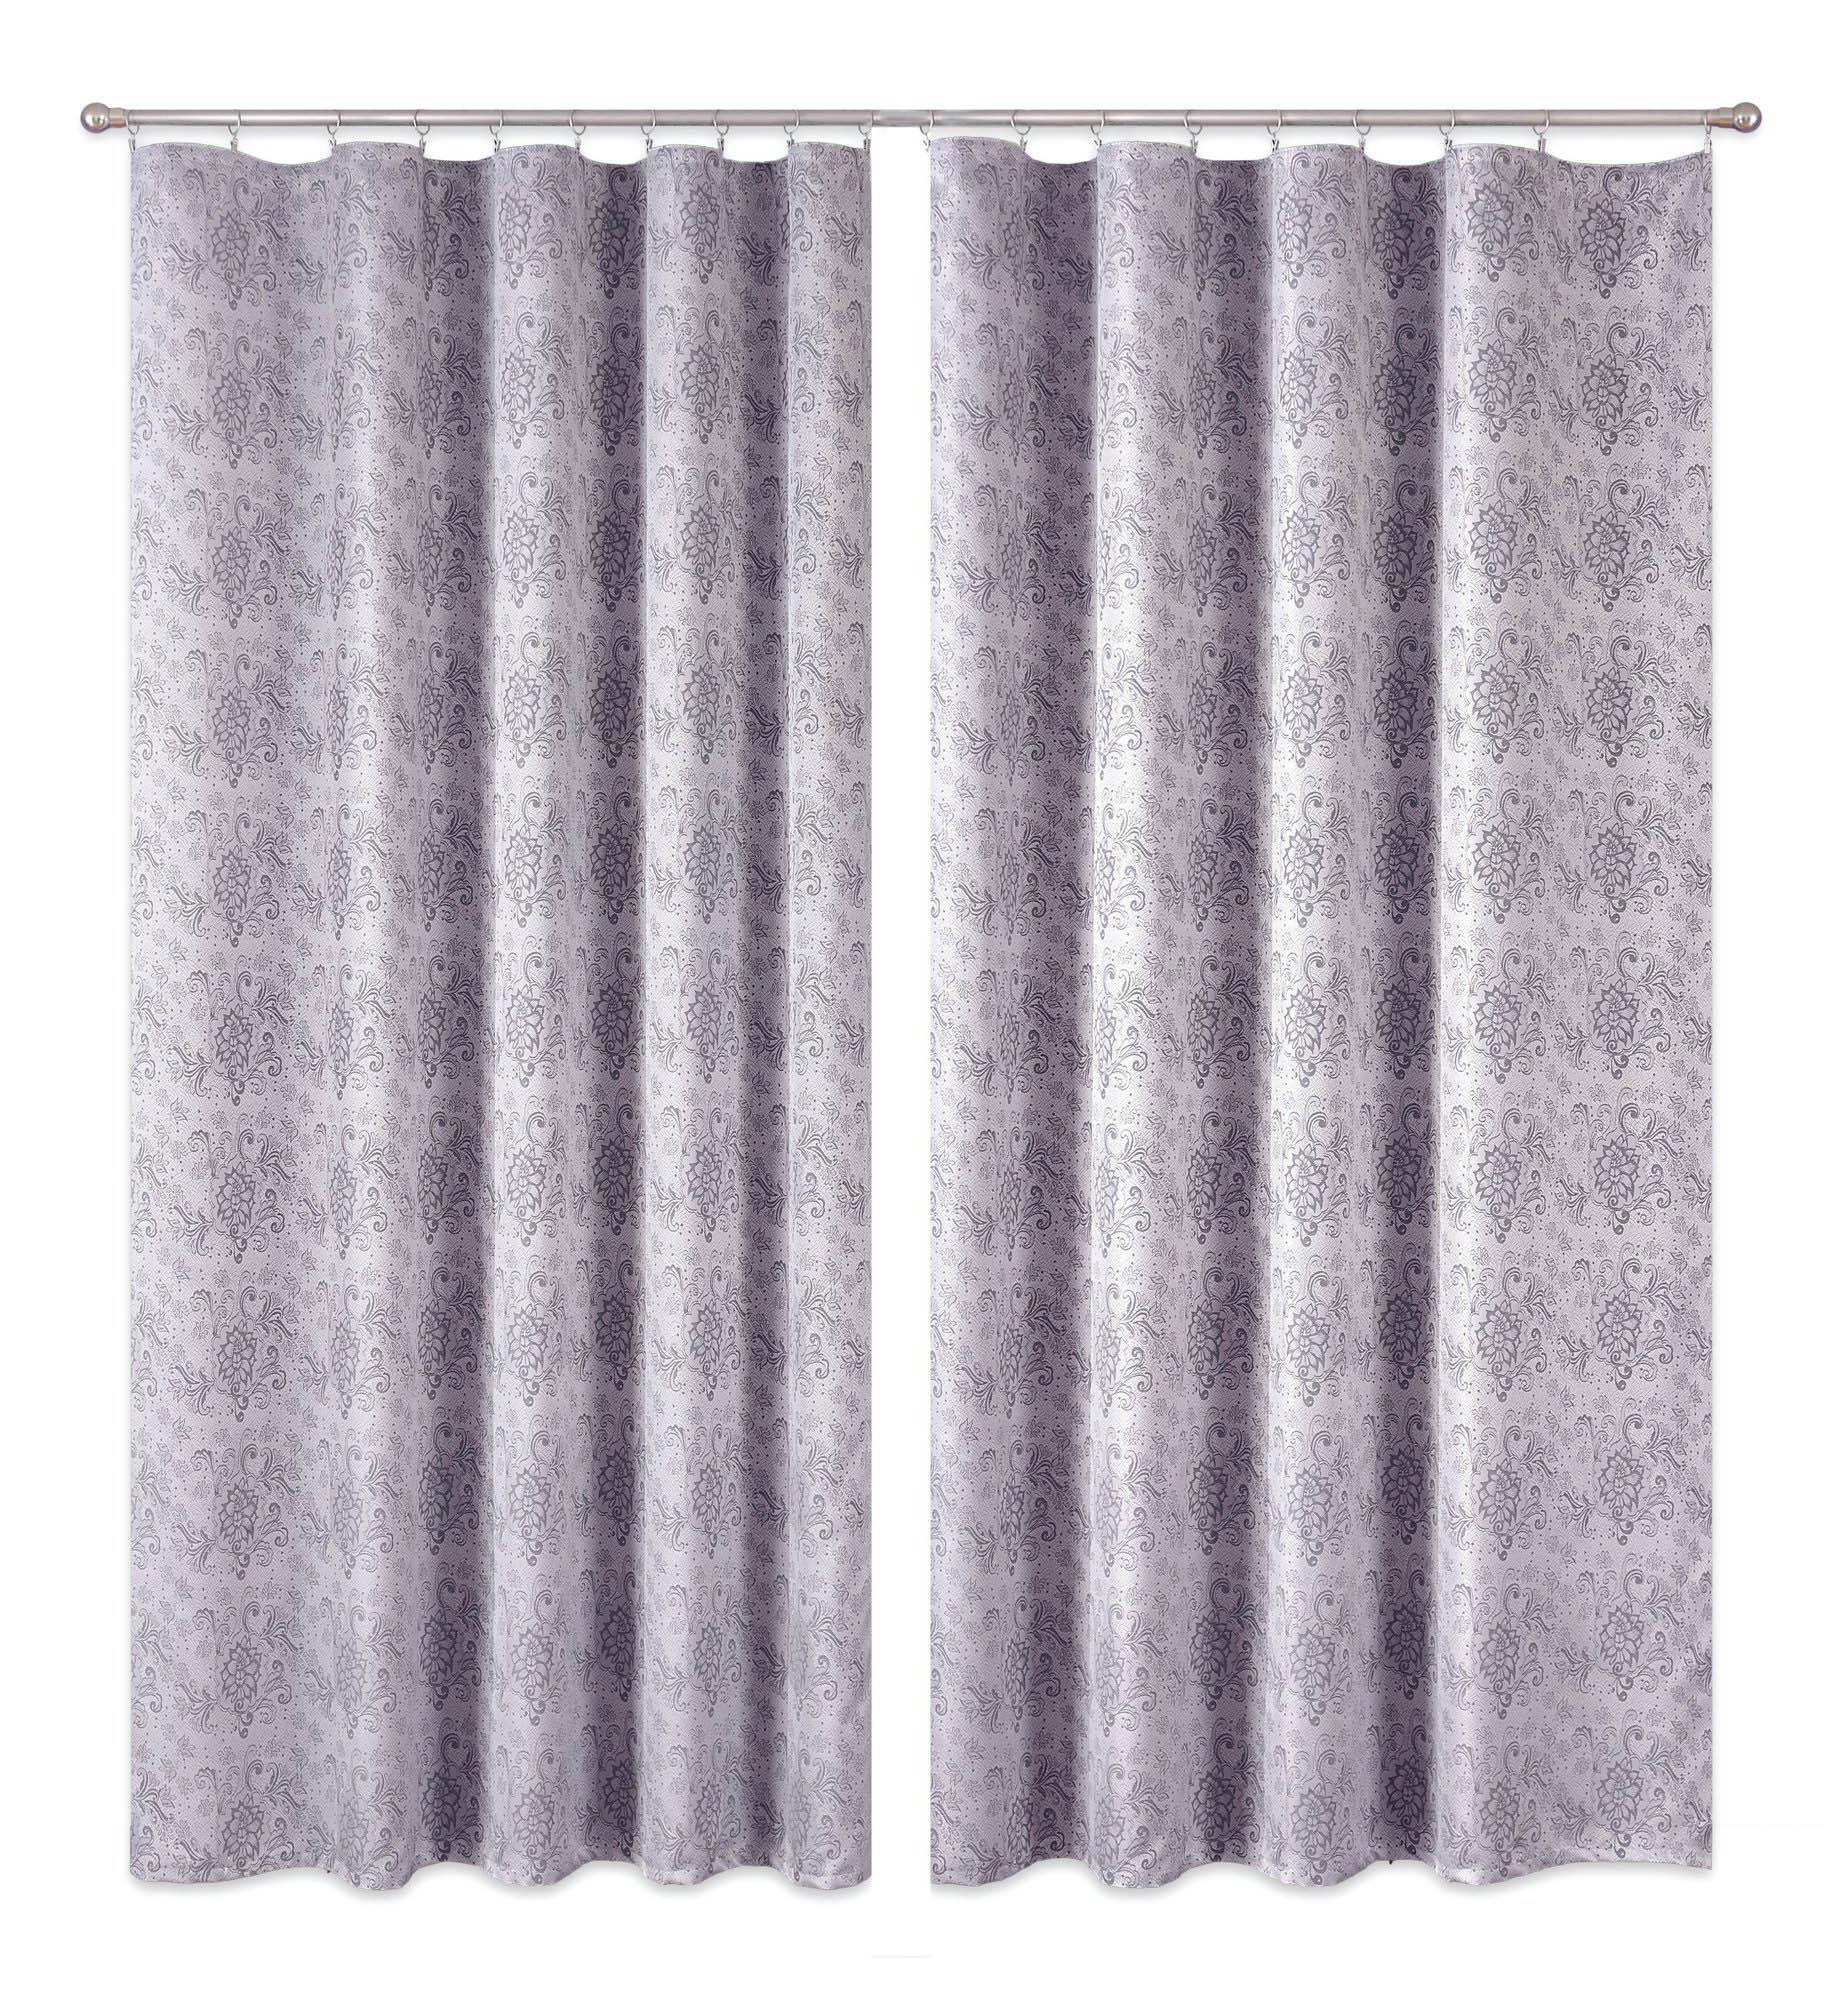 Шторы Primavera Классические шторы Mahalah Цвет: Серый шторы tac классические шторы winx цвет персиковый 200x265 см